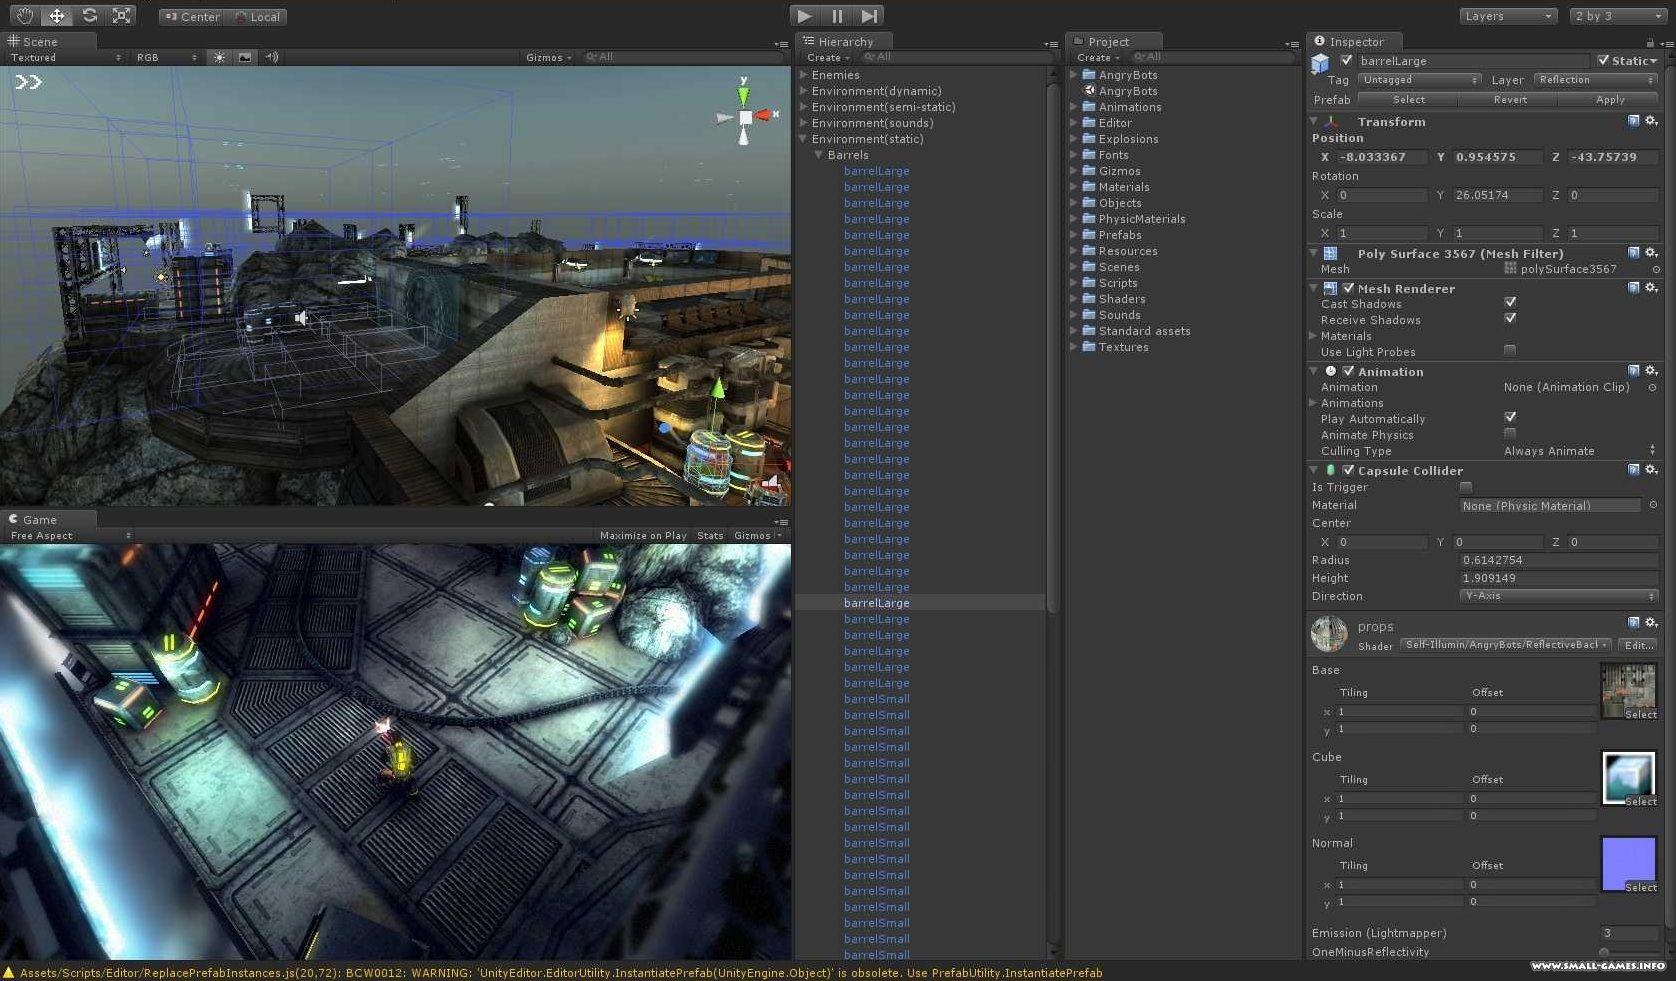 Скачать программу unity3d бесплатно торрент windows 7 скачать программу звука